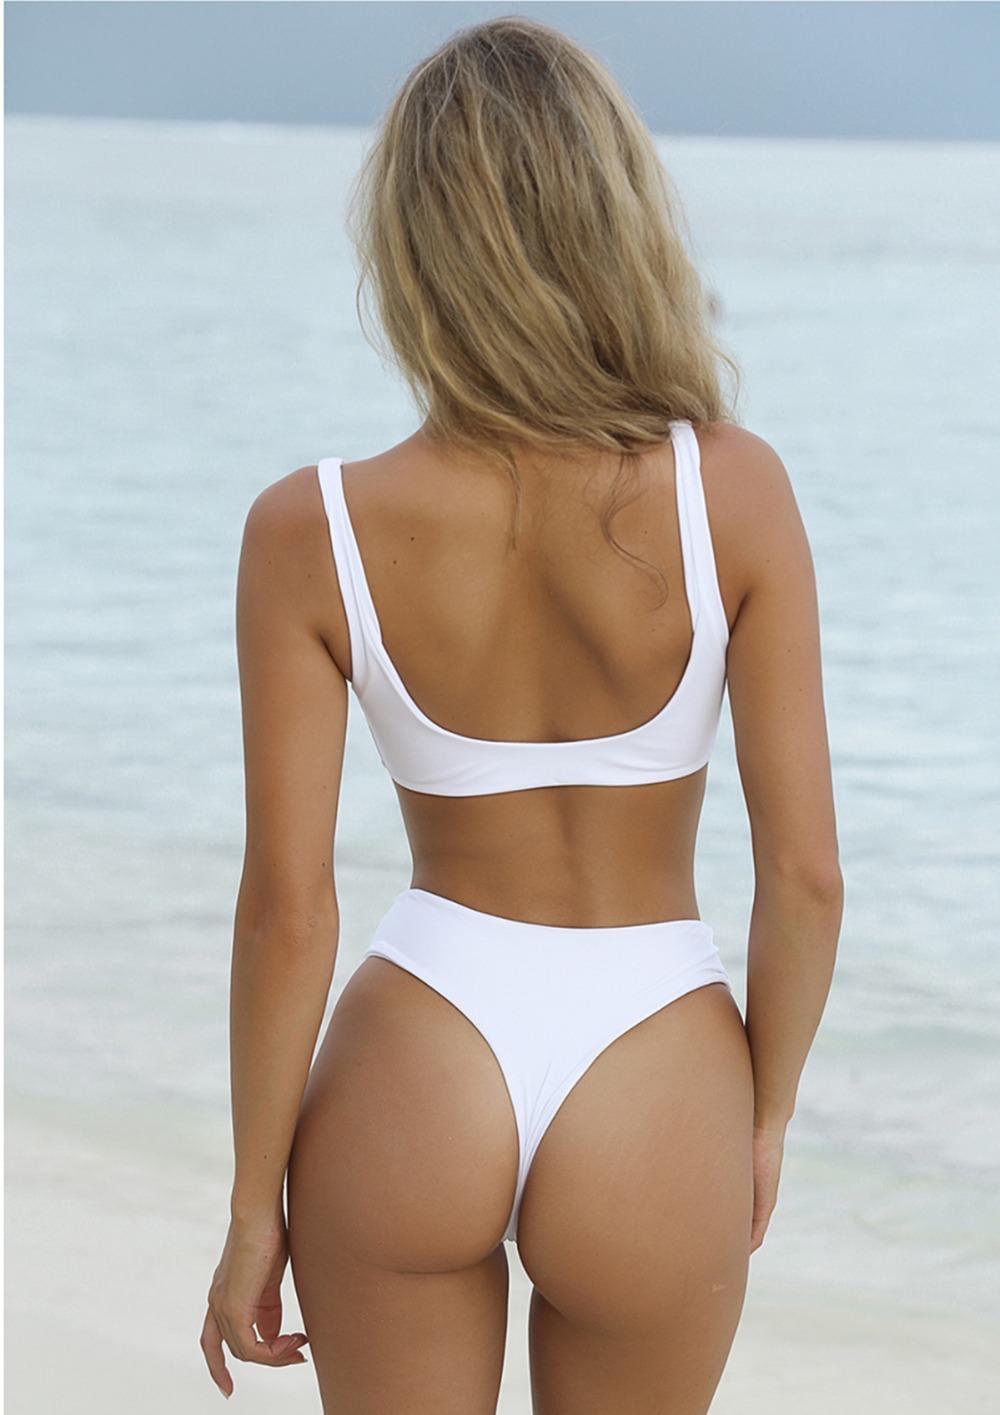 HTB1tYKLRVXXXXbFaXXXq6xXFXXXd - Summer sexy Beach Bikini Double wrapped chest Women Beach swimsuit Underwear Bra sets JKP388